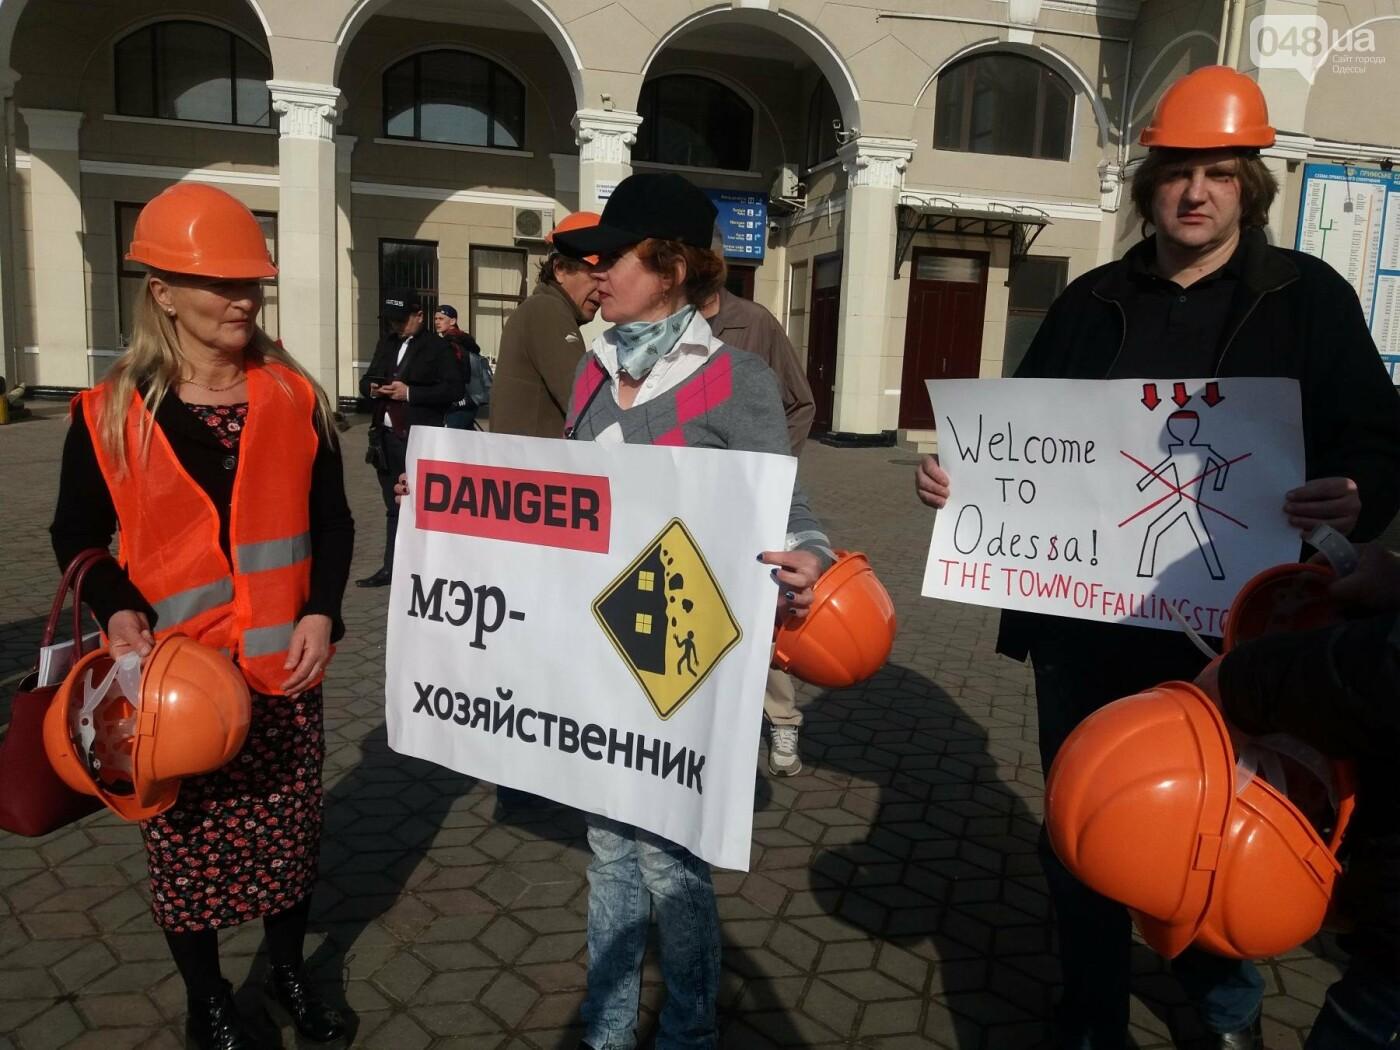 «Осторожно: мэр-хозяйственник» - в Одессе на вокзале туристам выдавали каски (ФОТО, ВИДЕО), фото-5